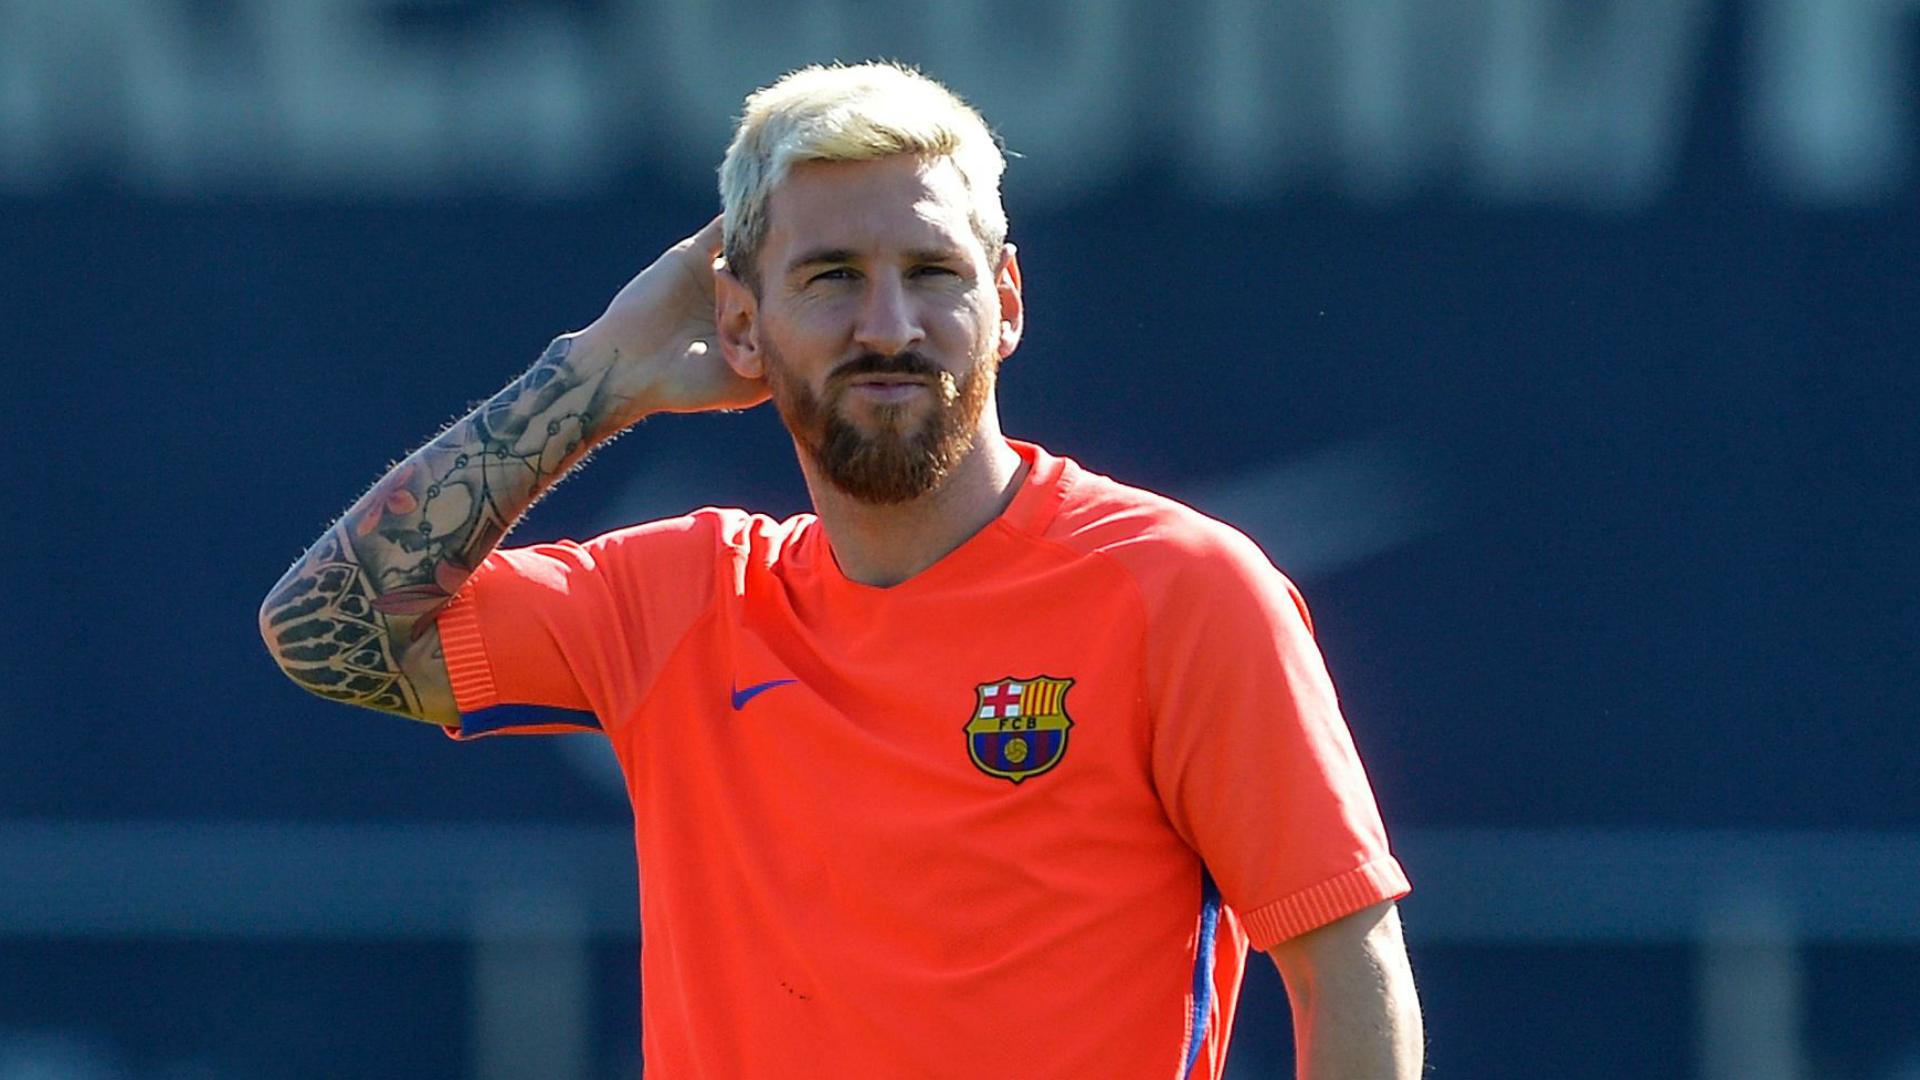 Messi est-il celui qui fait la force du FC Barcelone? voici son avis